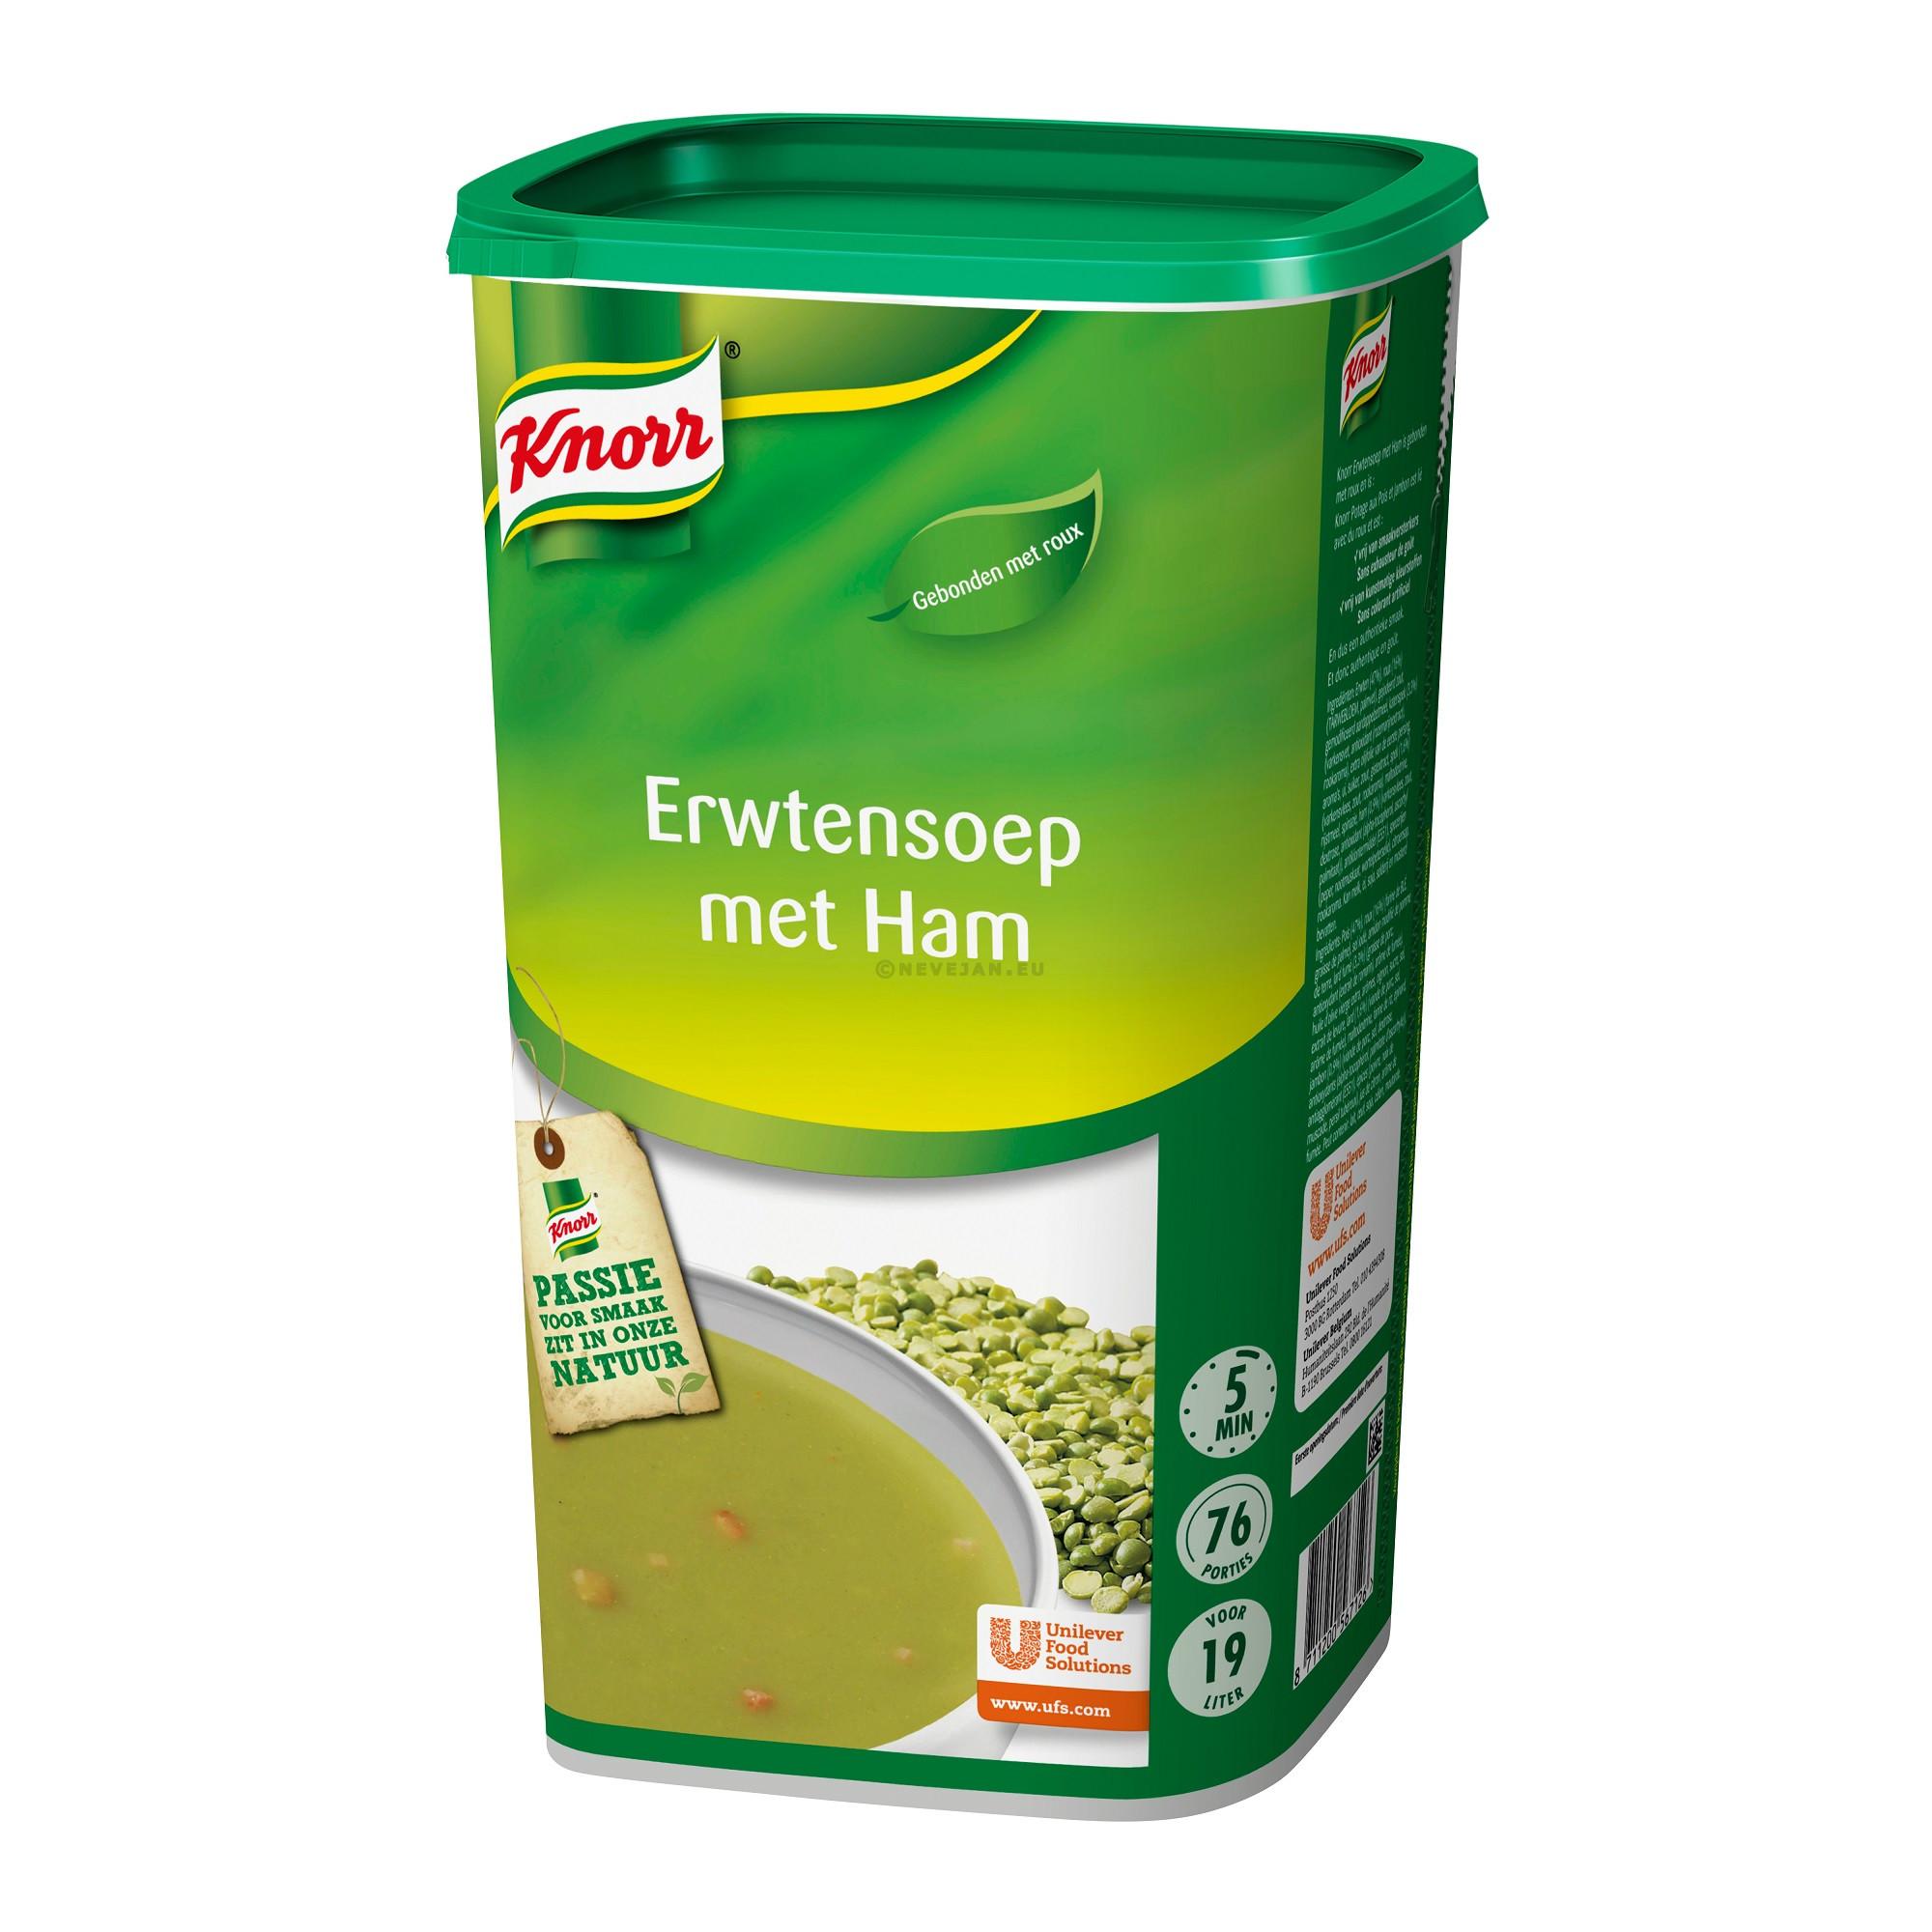 Knorr erwtensoep met ham 1.28kg dagsoep